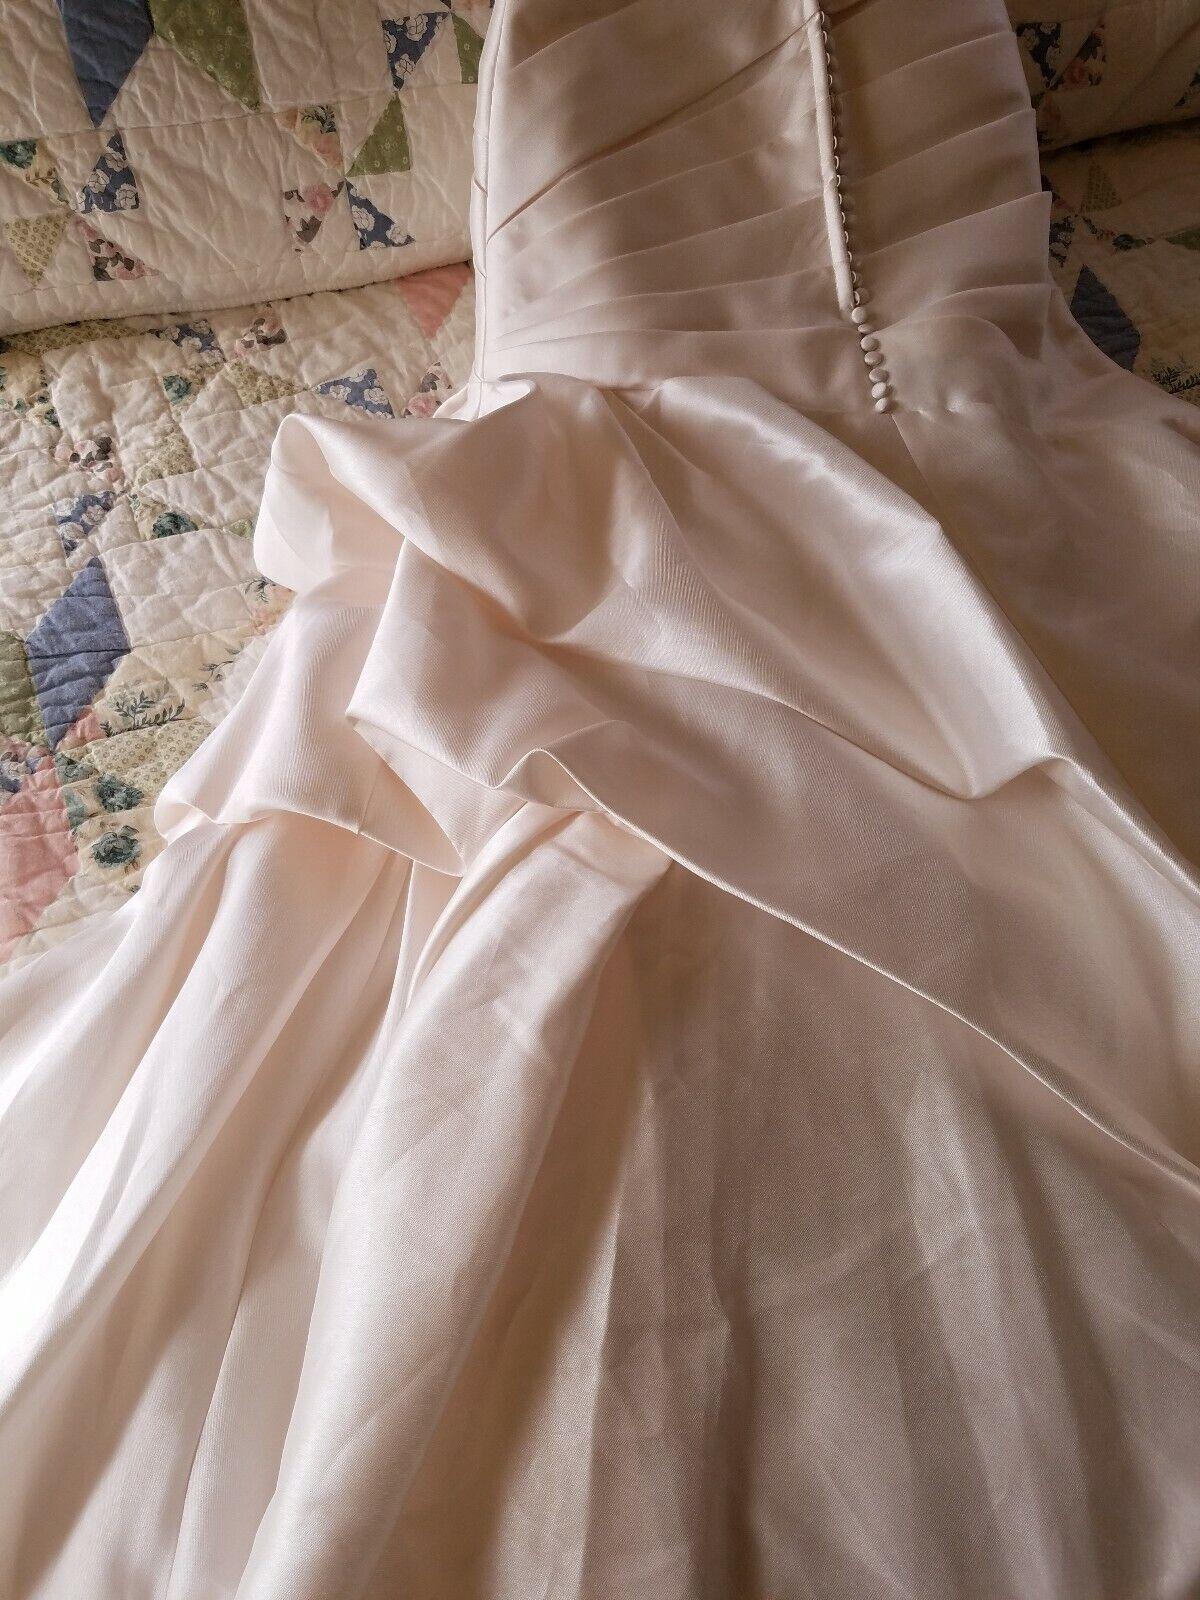 Jasmine Couture Ivory Wedding Dress Size 10 - image 7